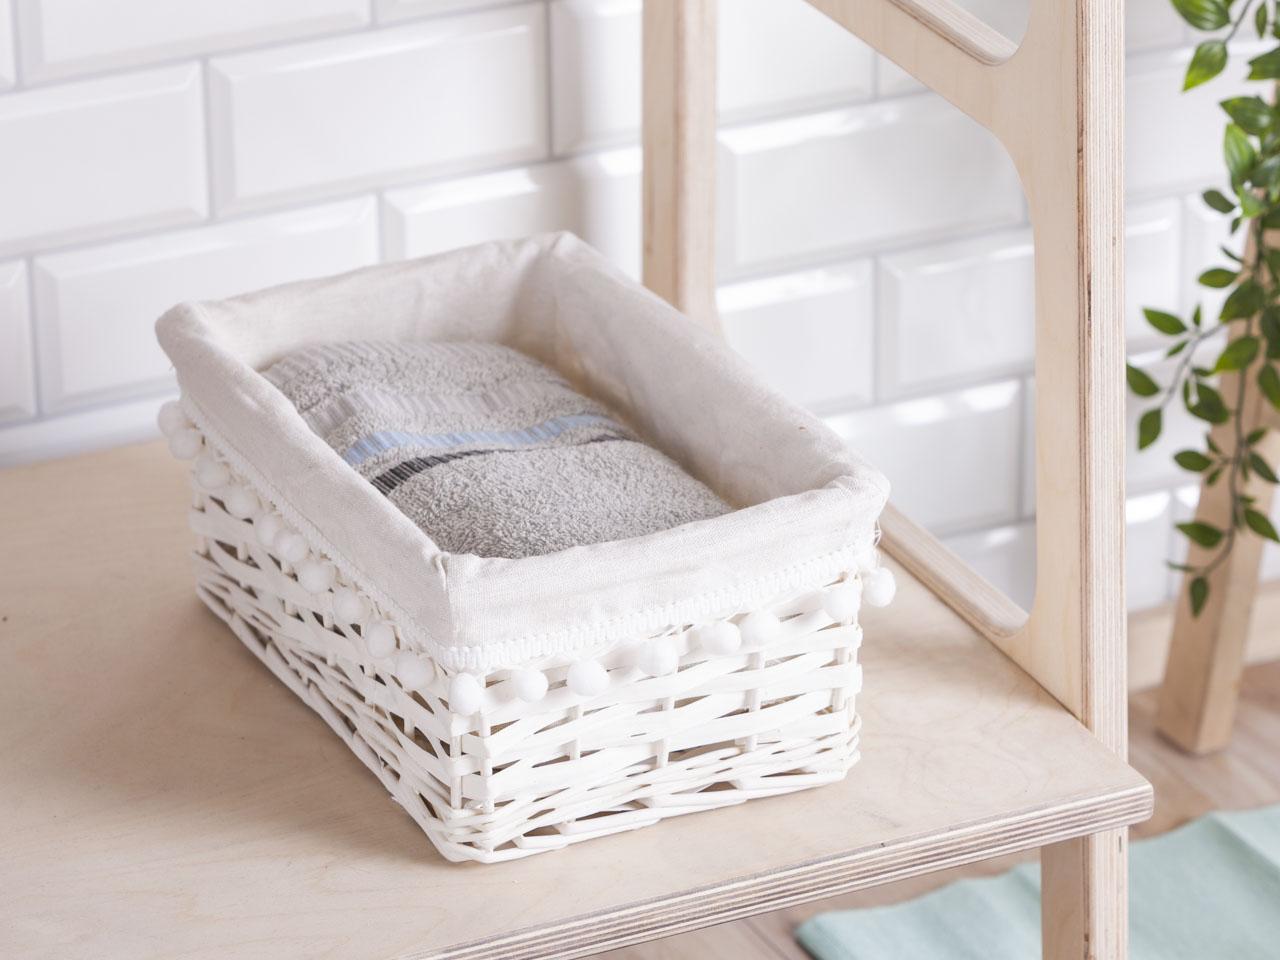 Koszyk do przechowywania wiklinowy materiałowa wyściółka z pomponami Altom Design biały 30x21x13 cm